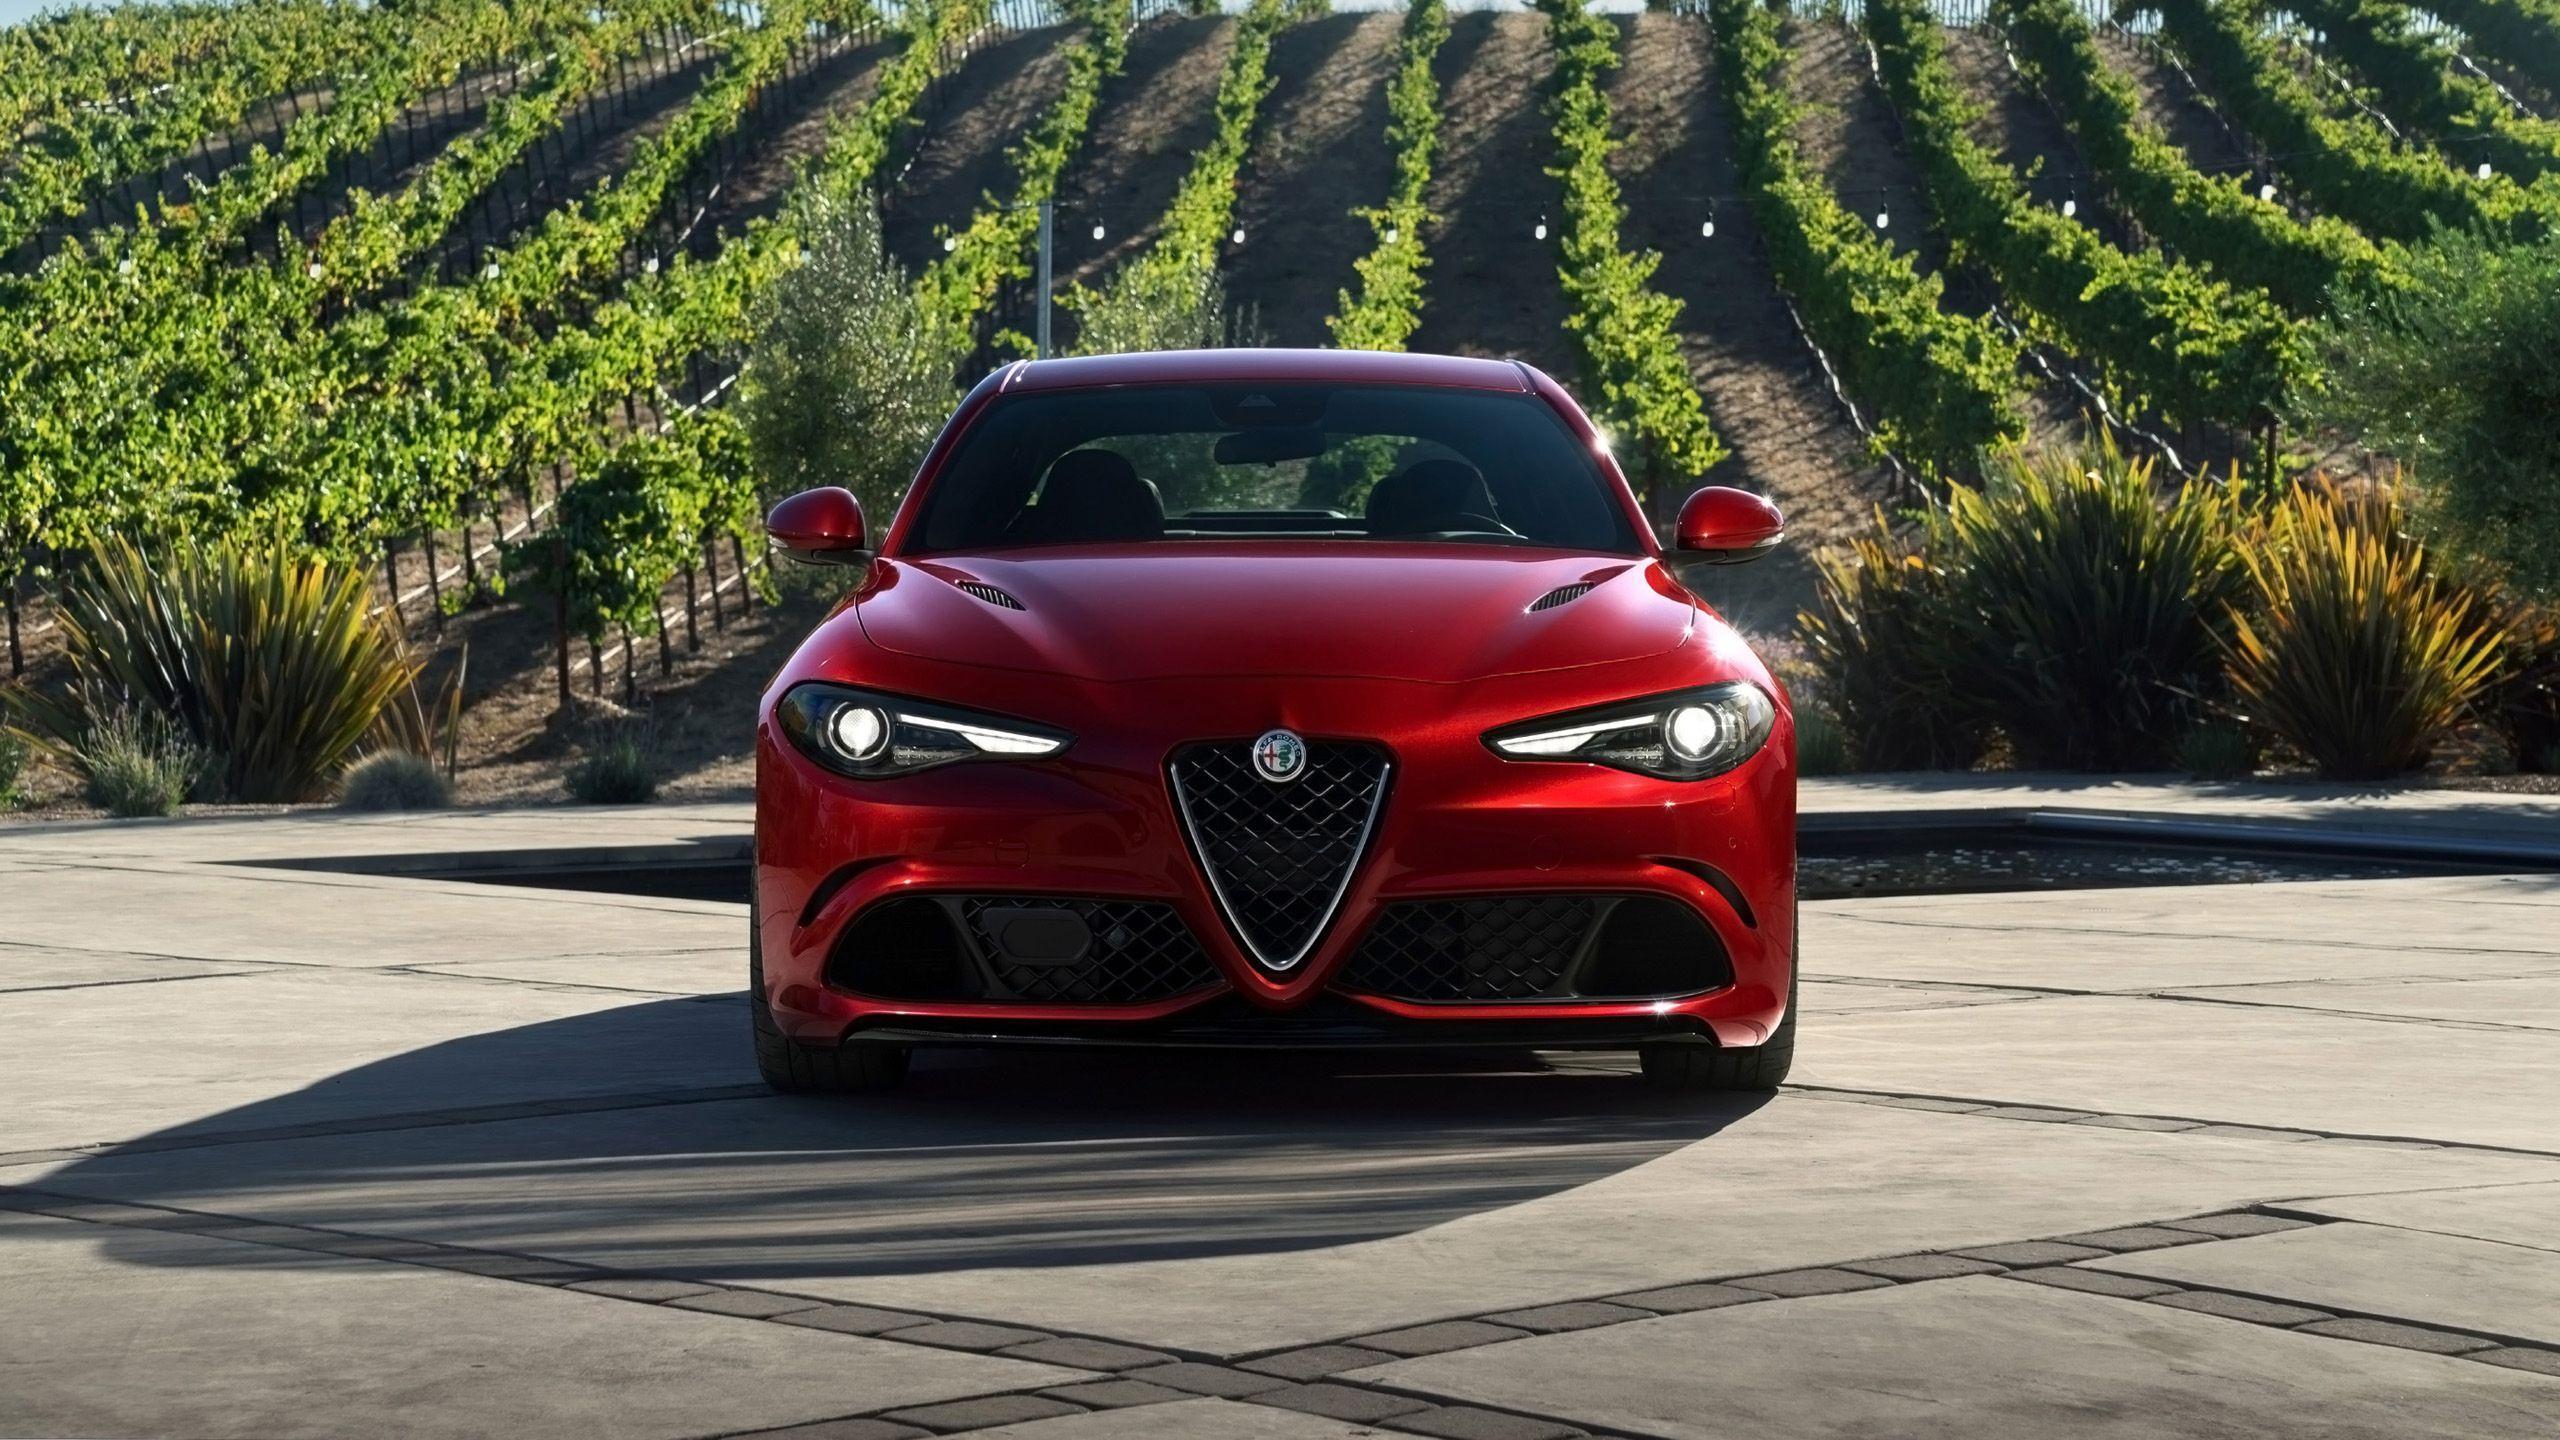 Alfa Romeo Giulia Coupe Wallpapers Top Free Alfa Romeo Giulia Coupe Backgrounds Wallpaperaccess